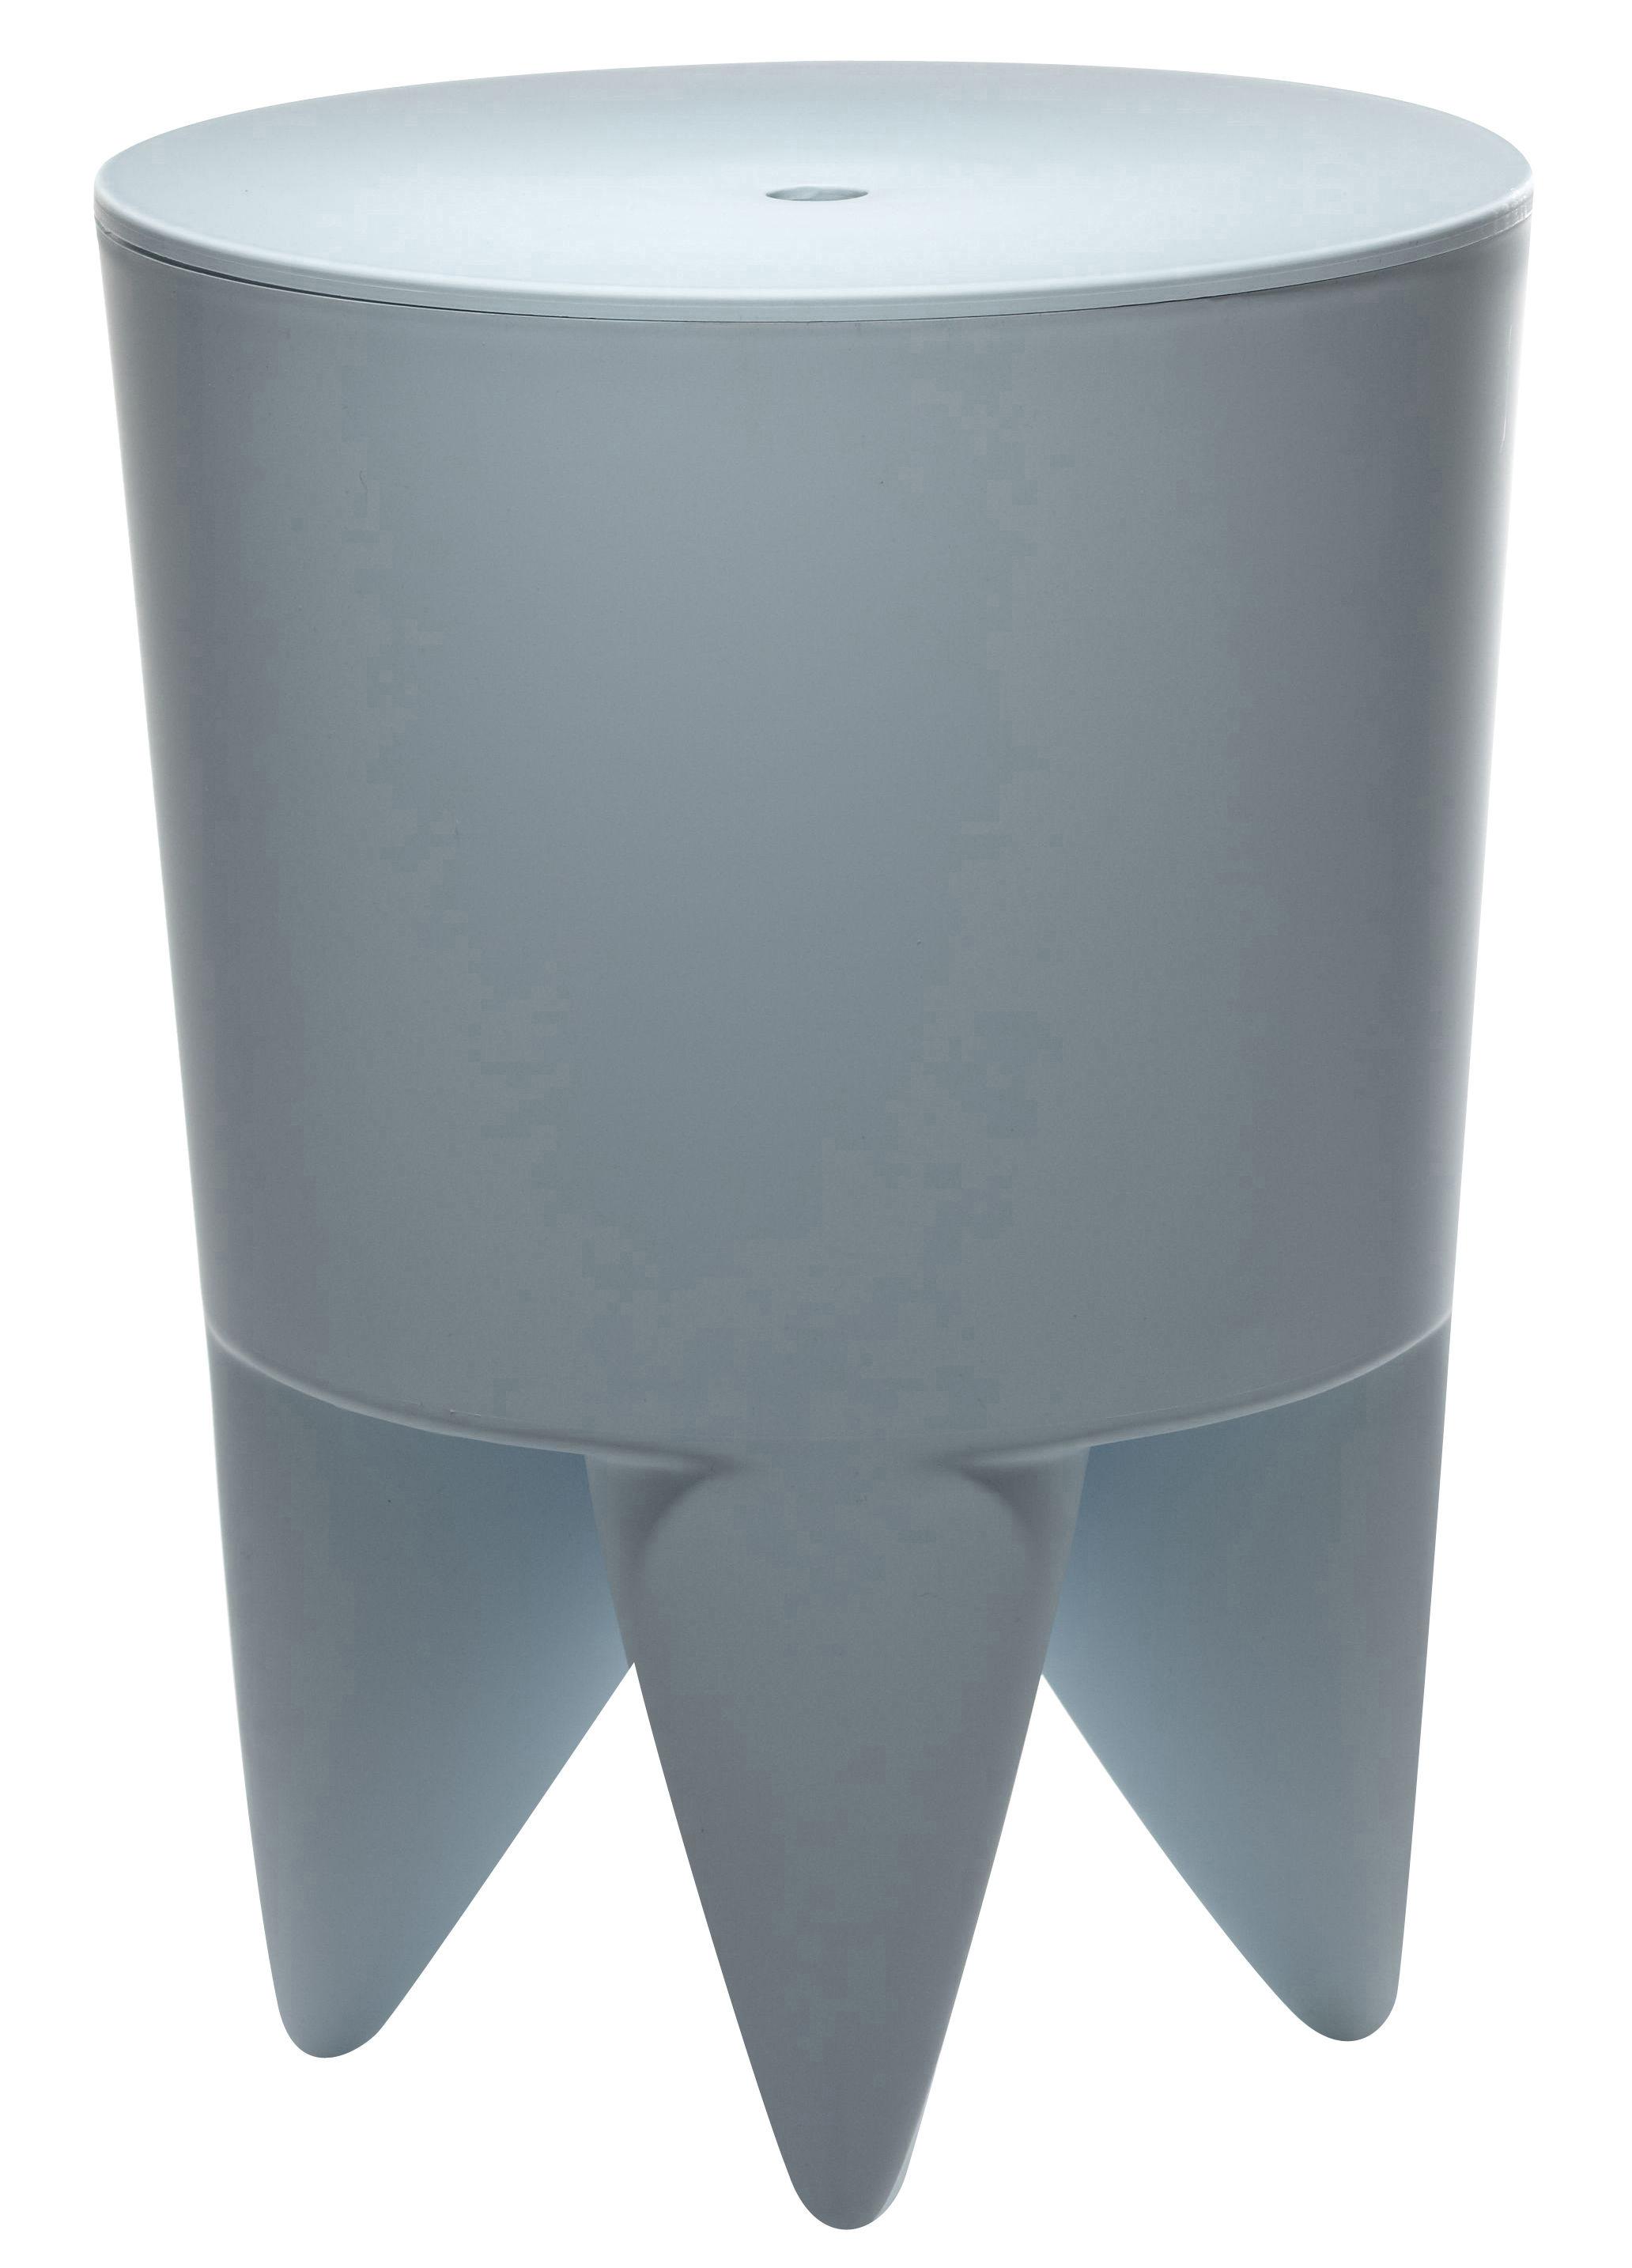 tabouret new bubu 1er coffre plastique bleu ciel xo. Black Bedroom Furniture Sets. Home Design Ideas